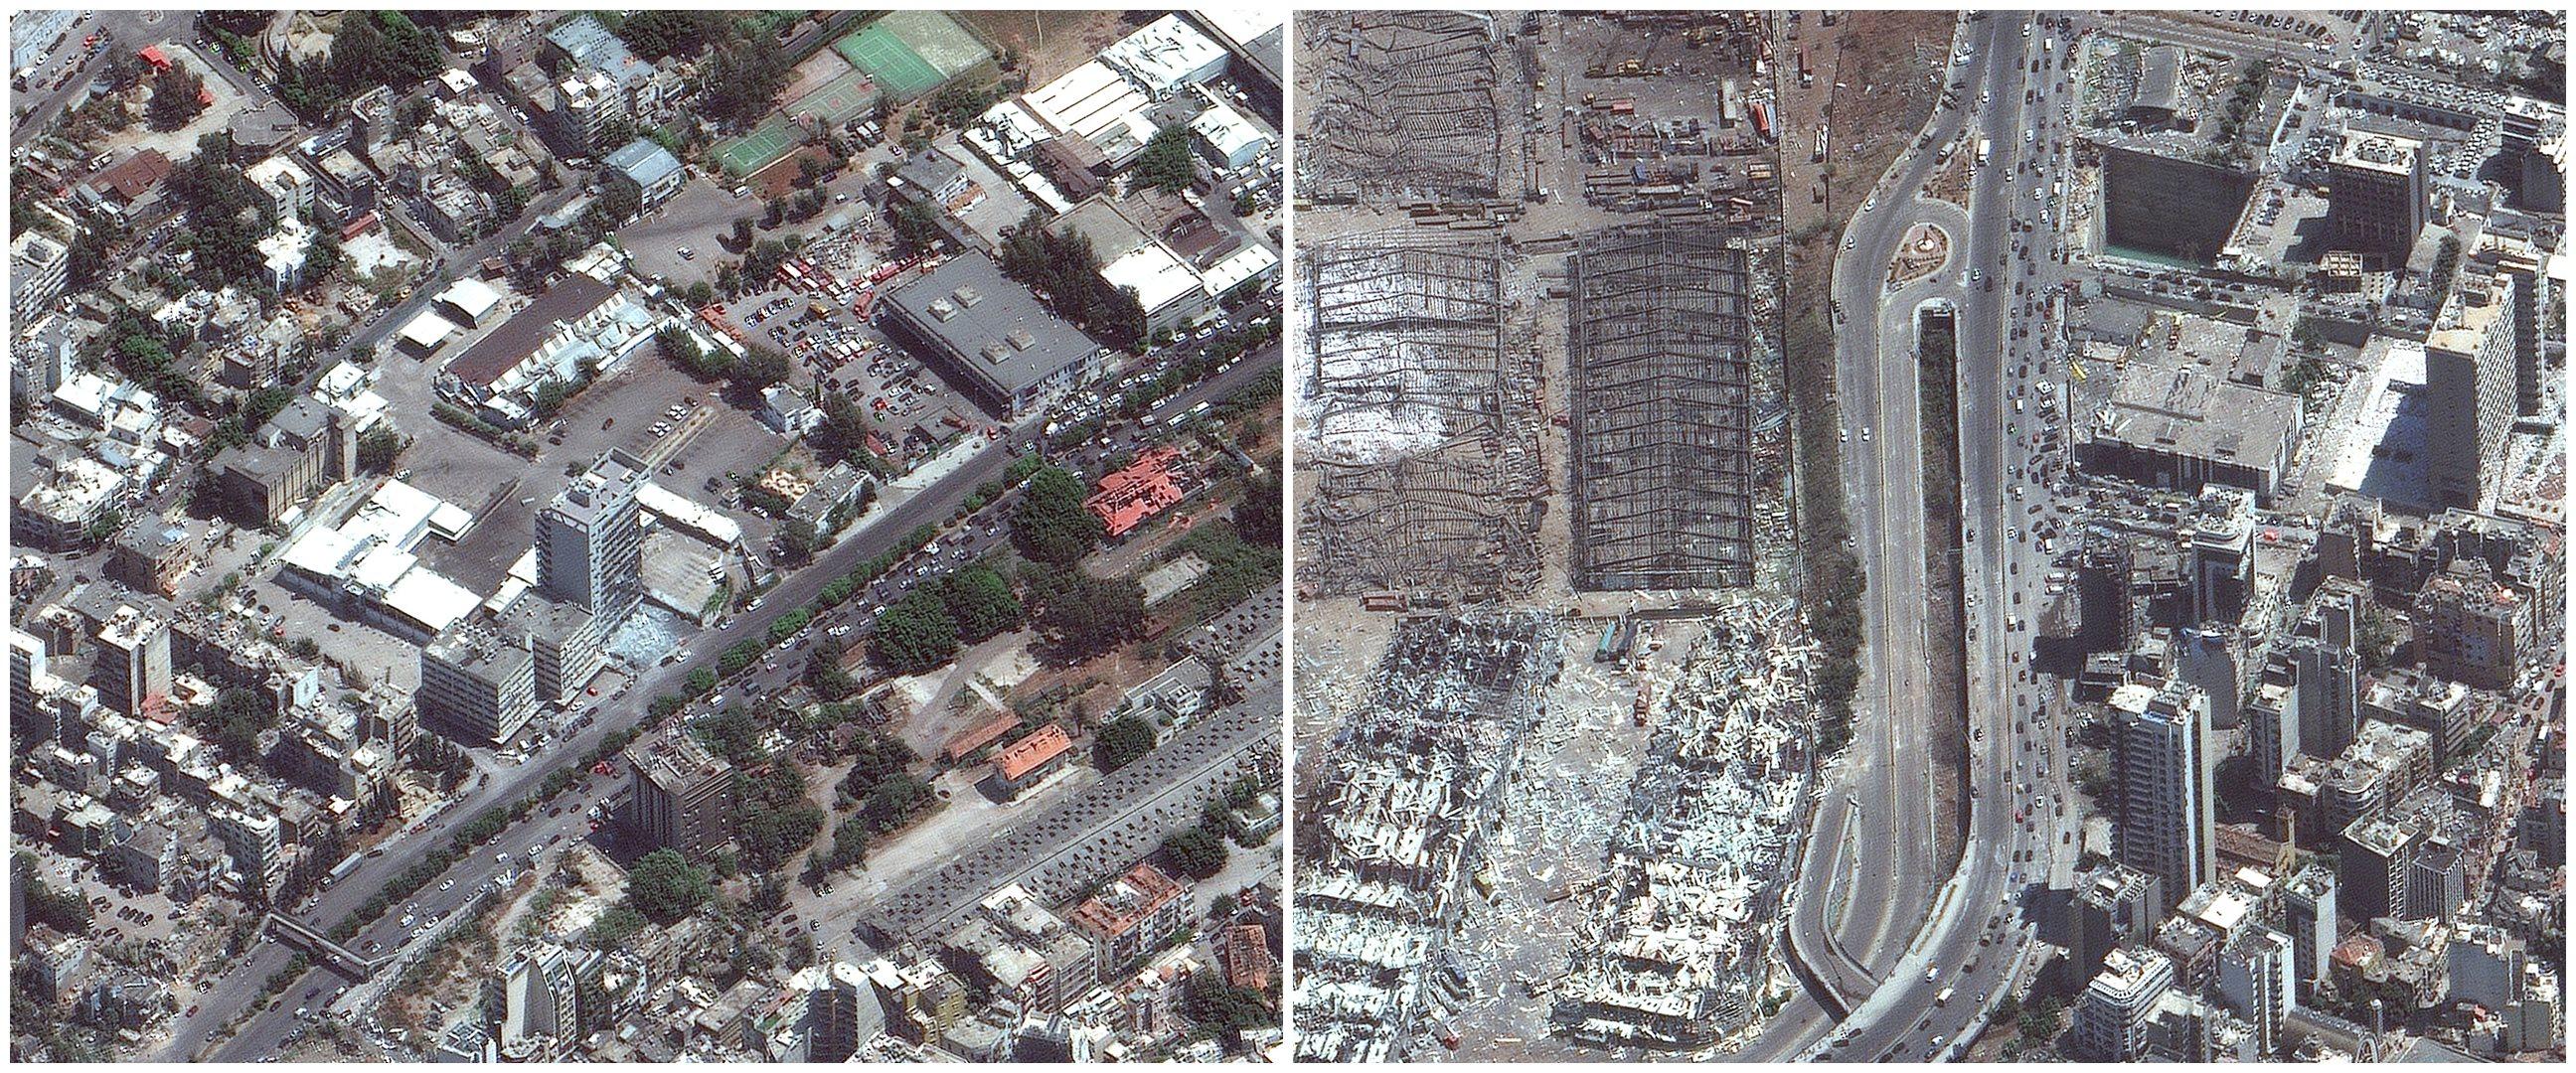 6 Foto satelit Beirut Lebanon sebelum dan sesudah ledakan